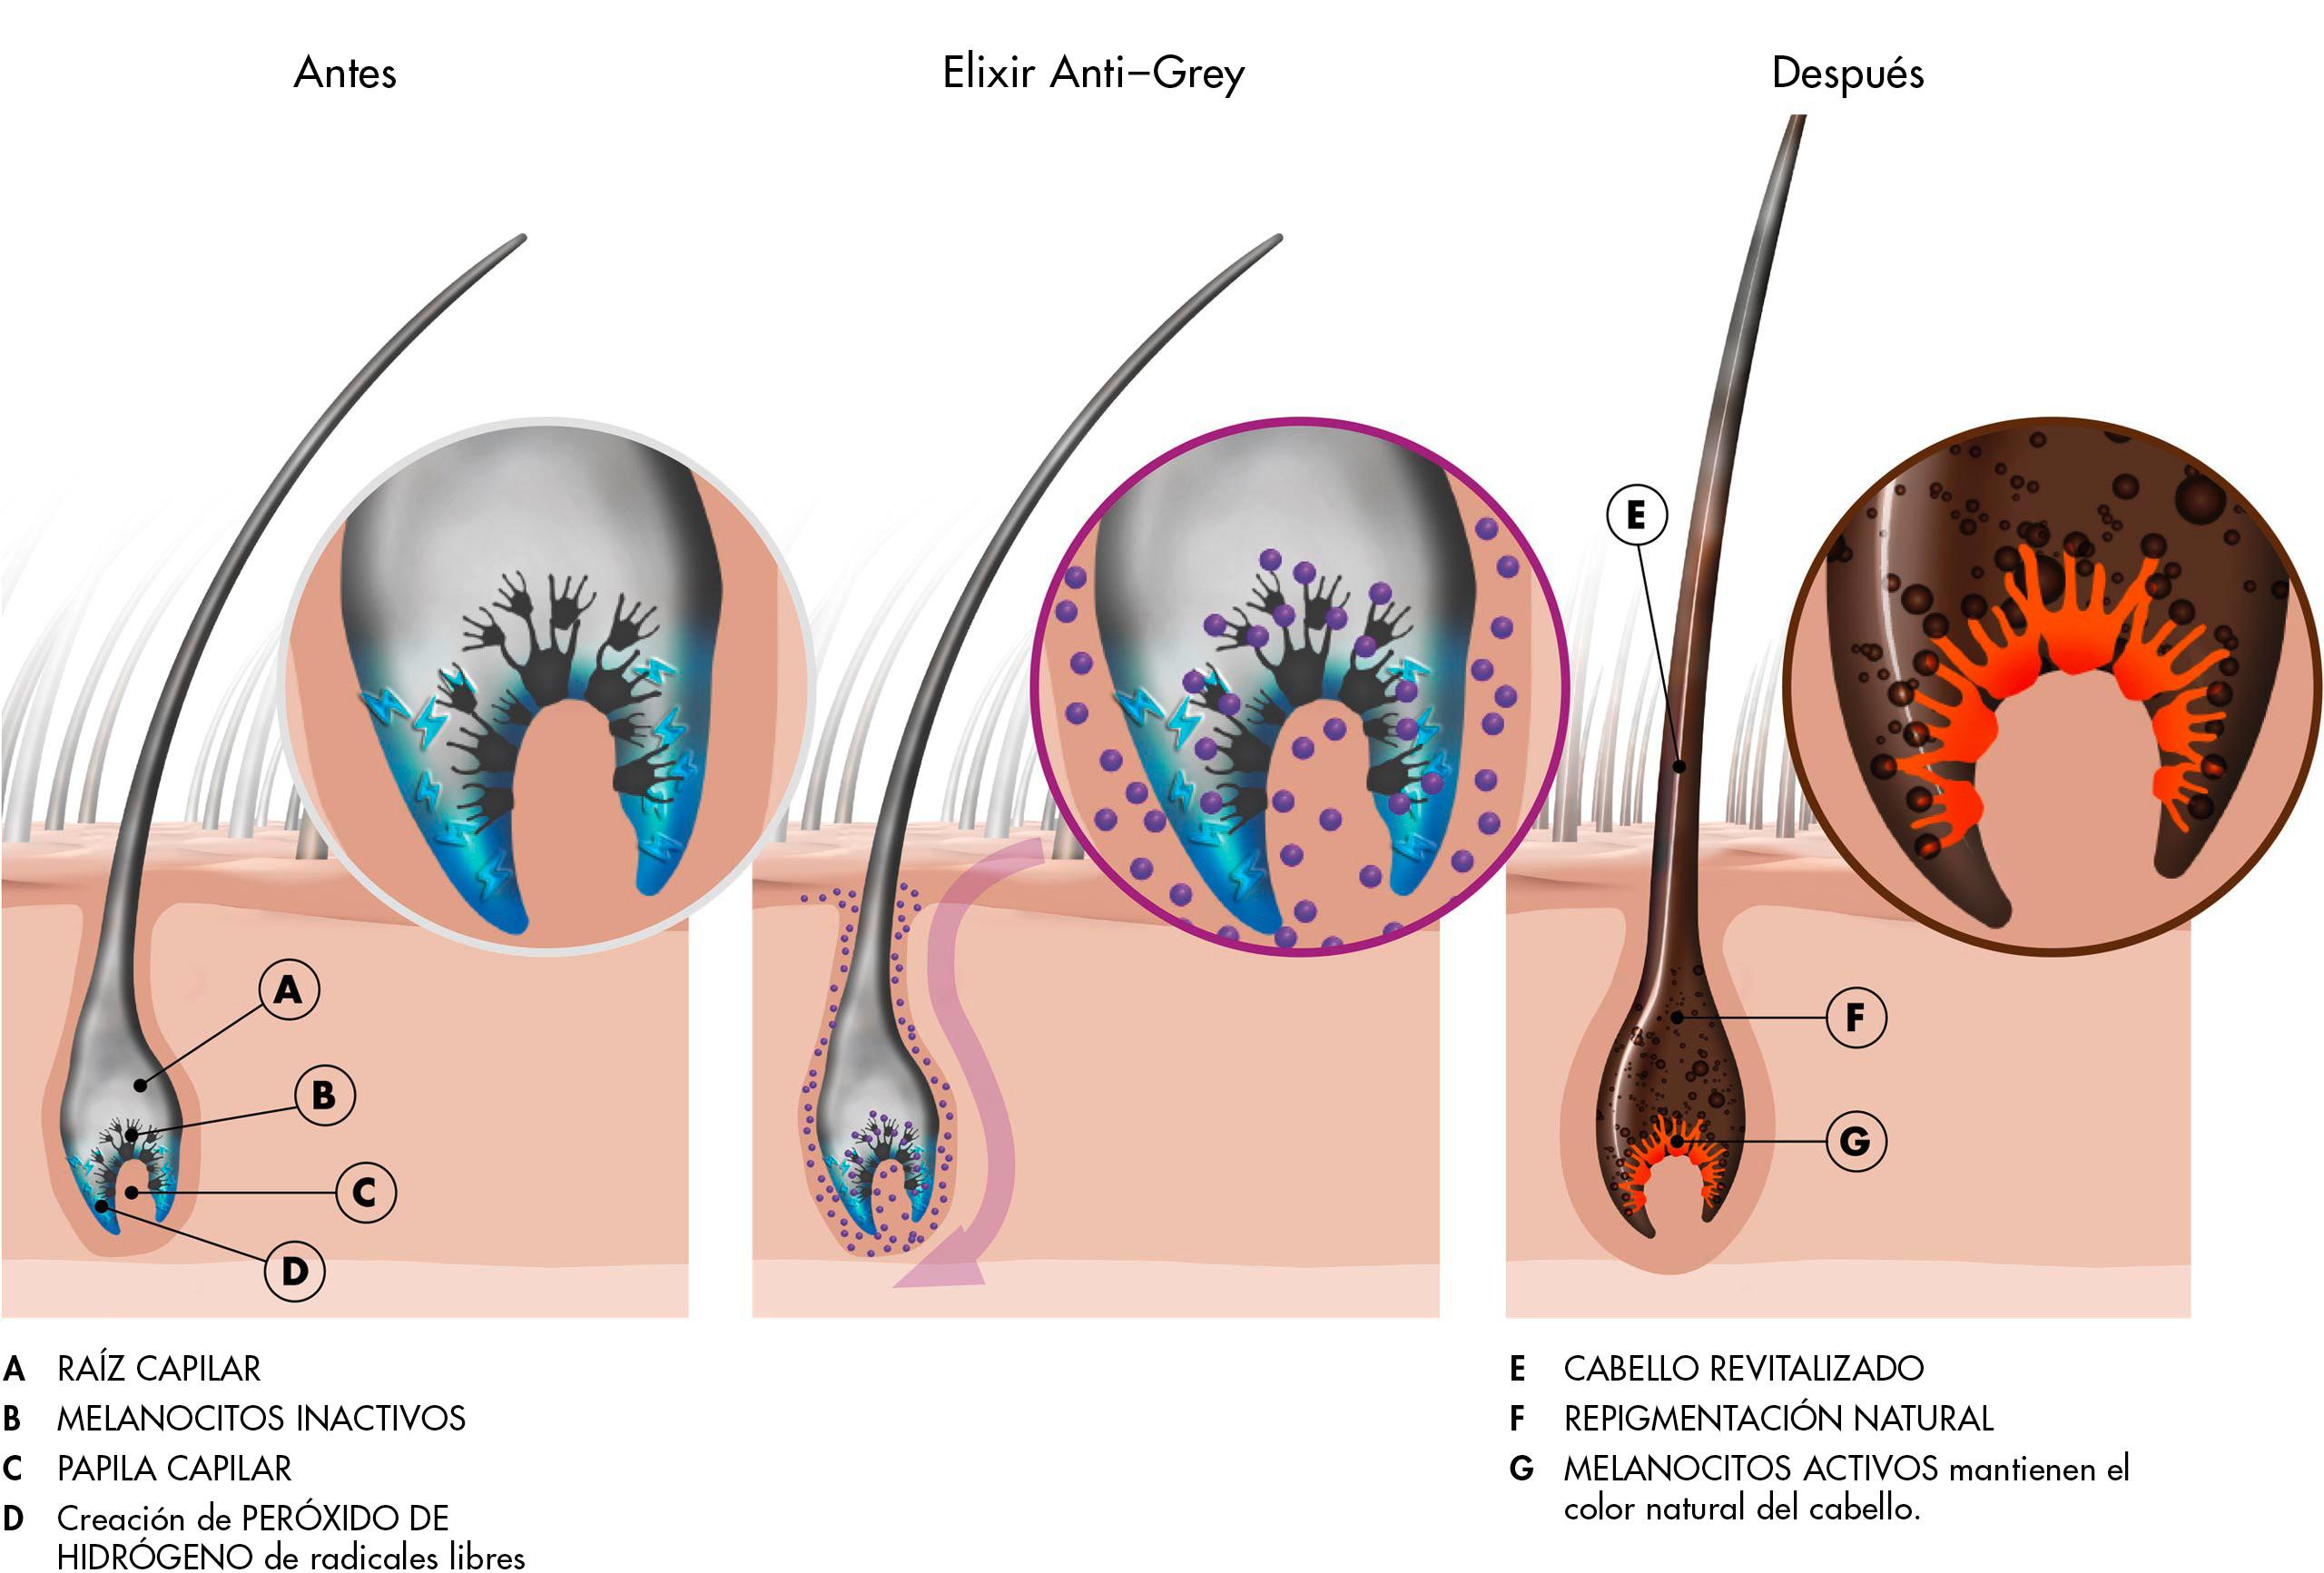 Antes y después de la aplicación de Elixir Anti-Grey